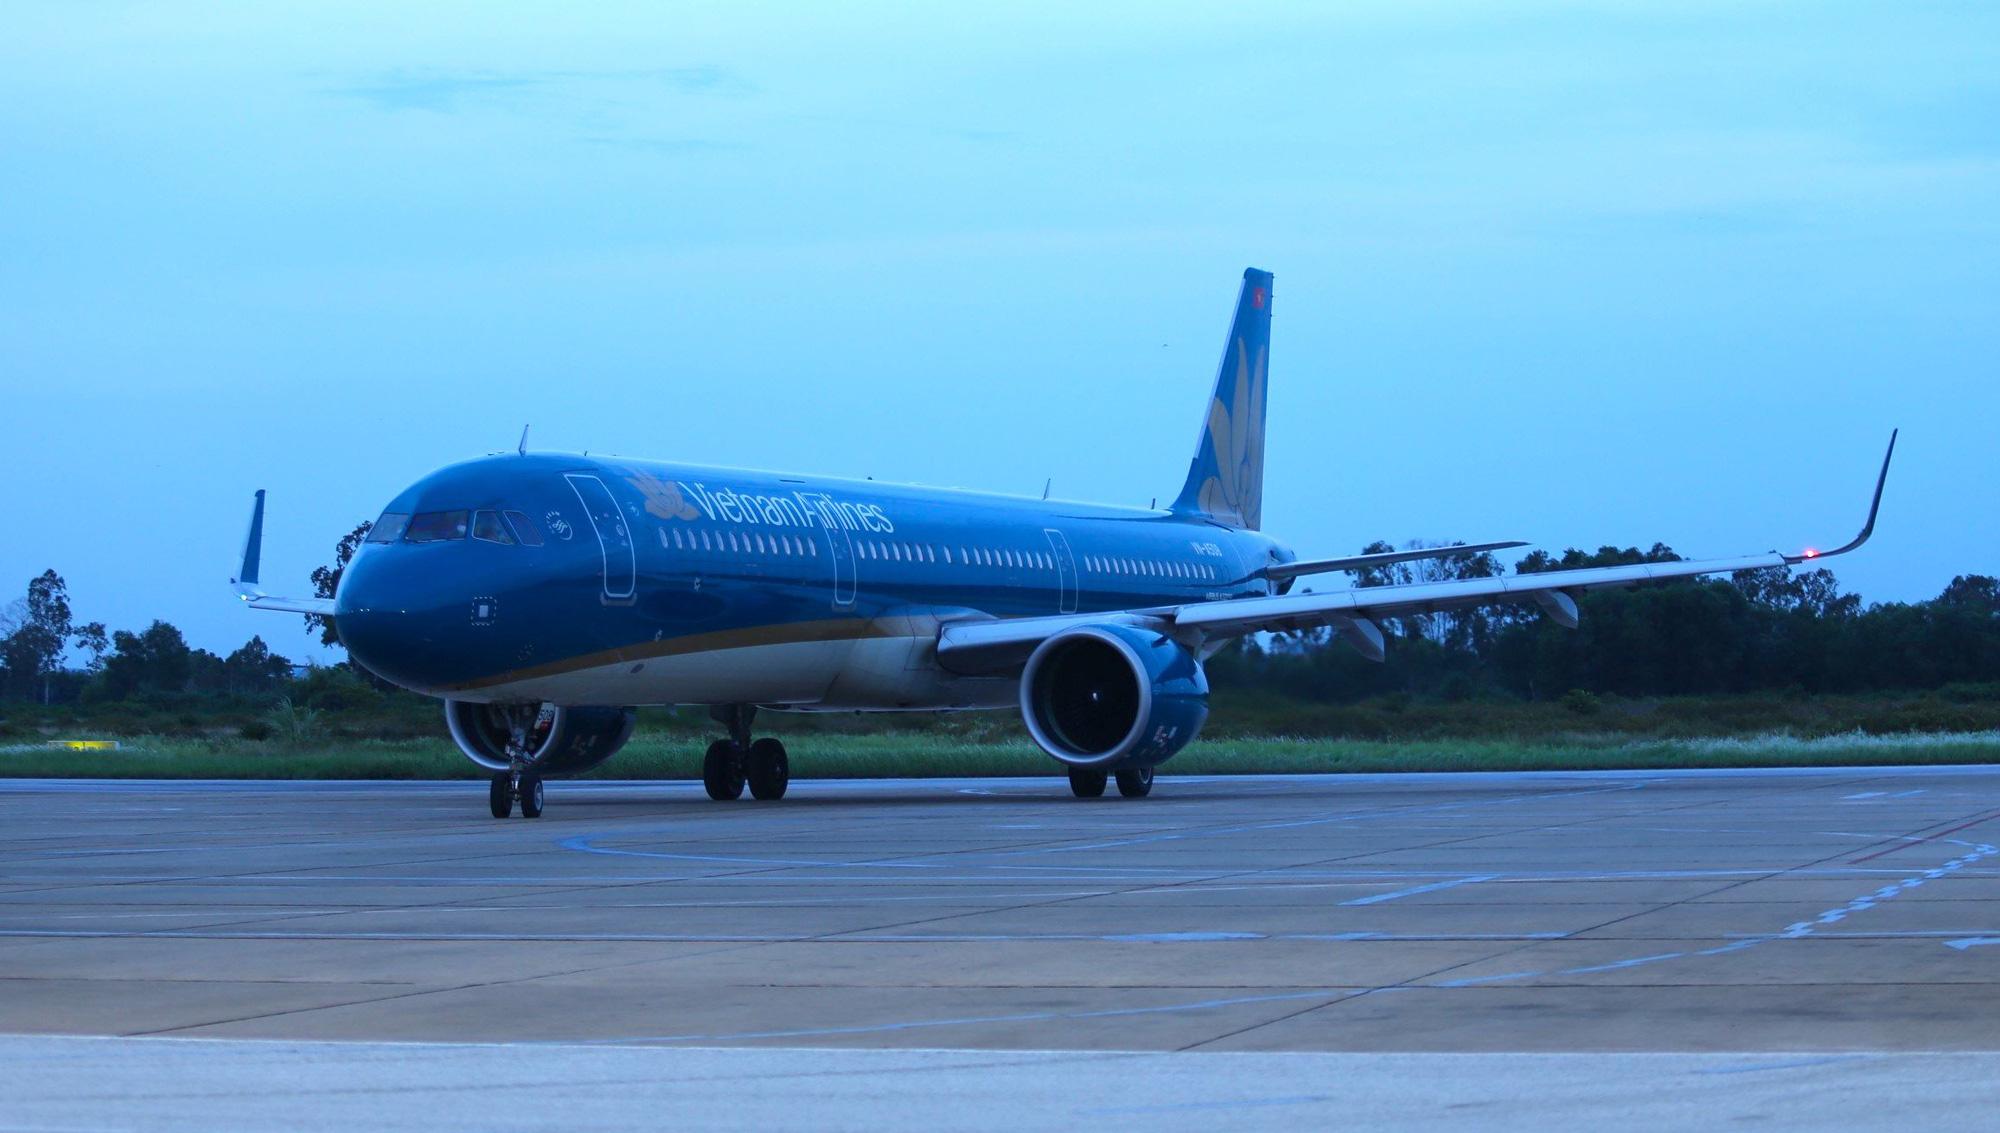 Chuyến bay miễn phí đầu tiên chở hơn 200 công dân từ miền Nam về Nghệ An - Ảnh 1.